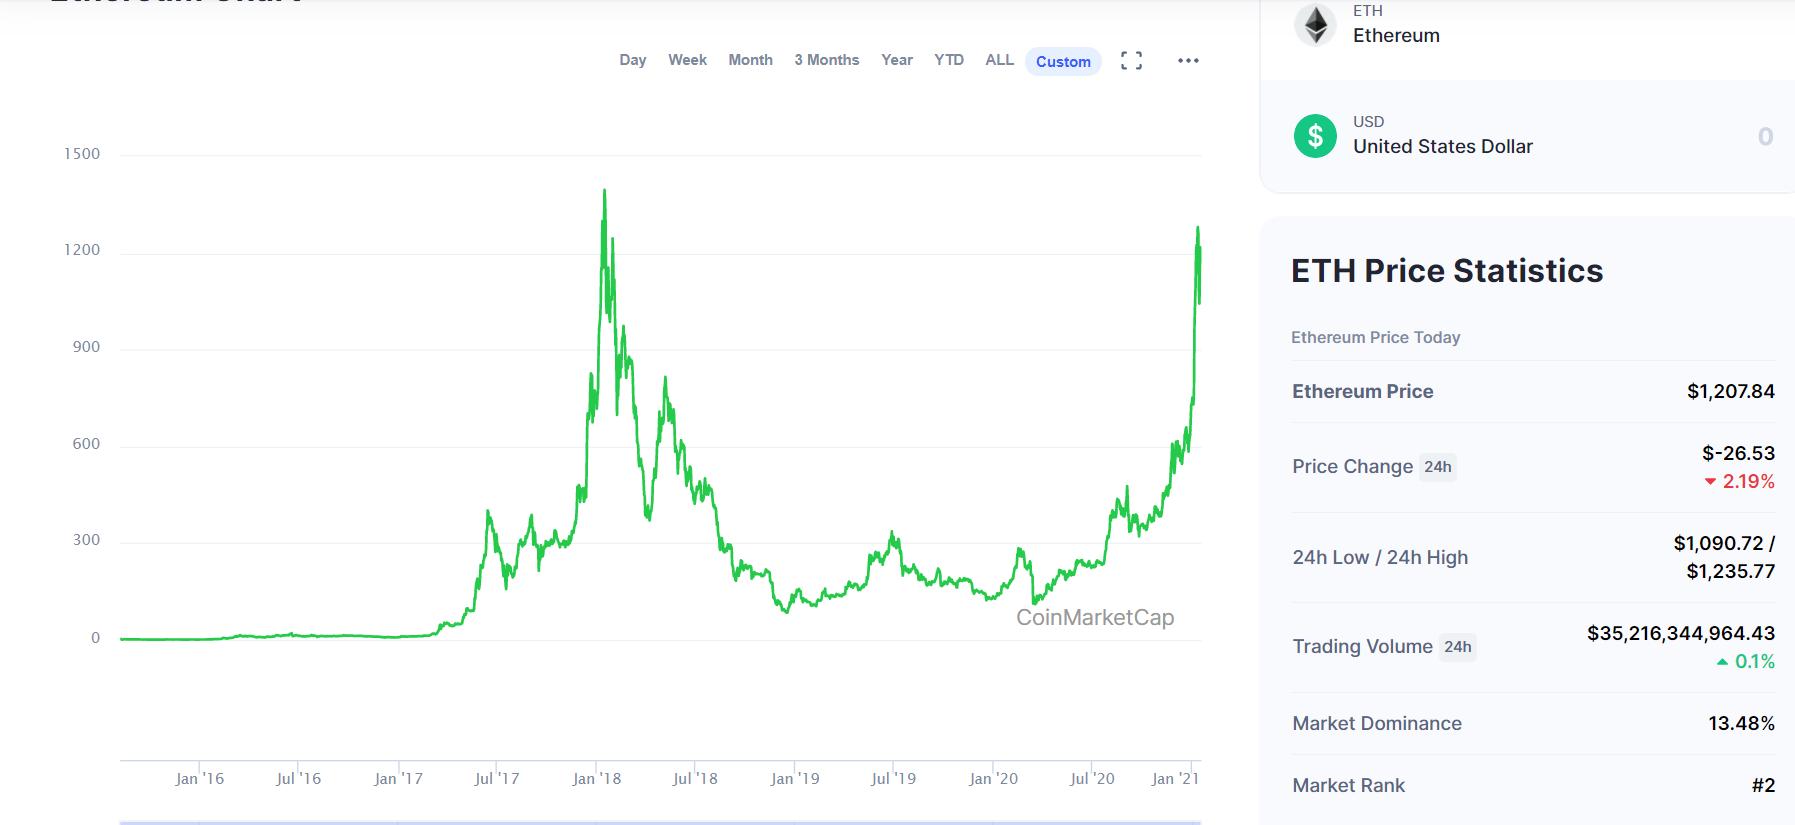 Biểu đồ giá và tiềm năng của đồng Ethereum